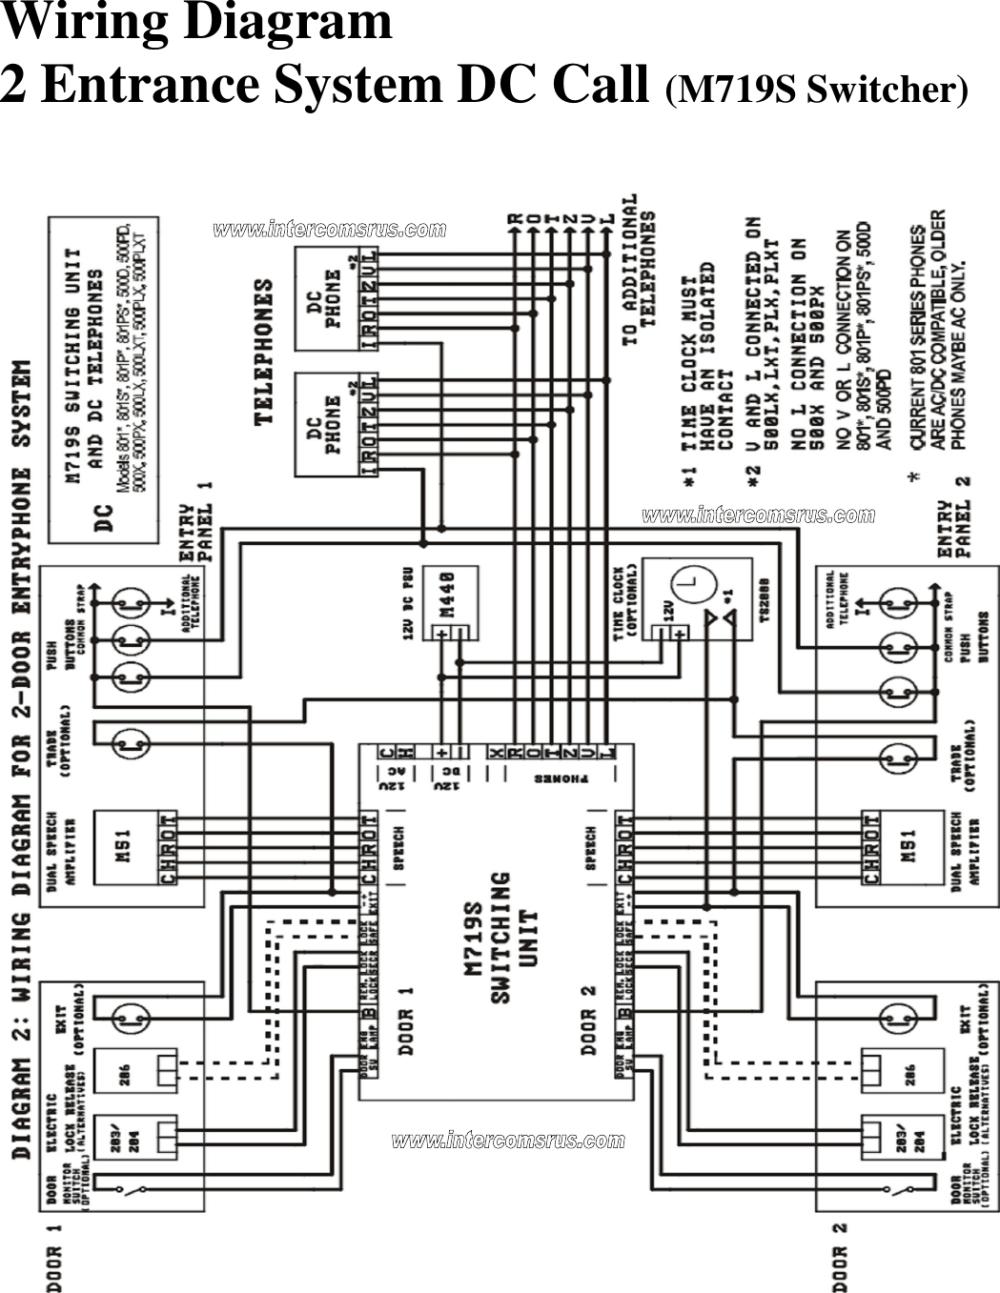 medium resolution of bstl intercom wiring diagram wiring diagram b7 intercom wiring page 2